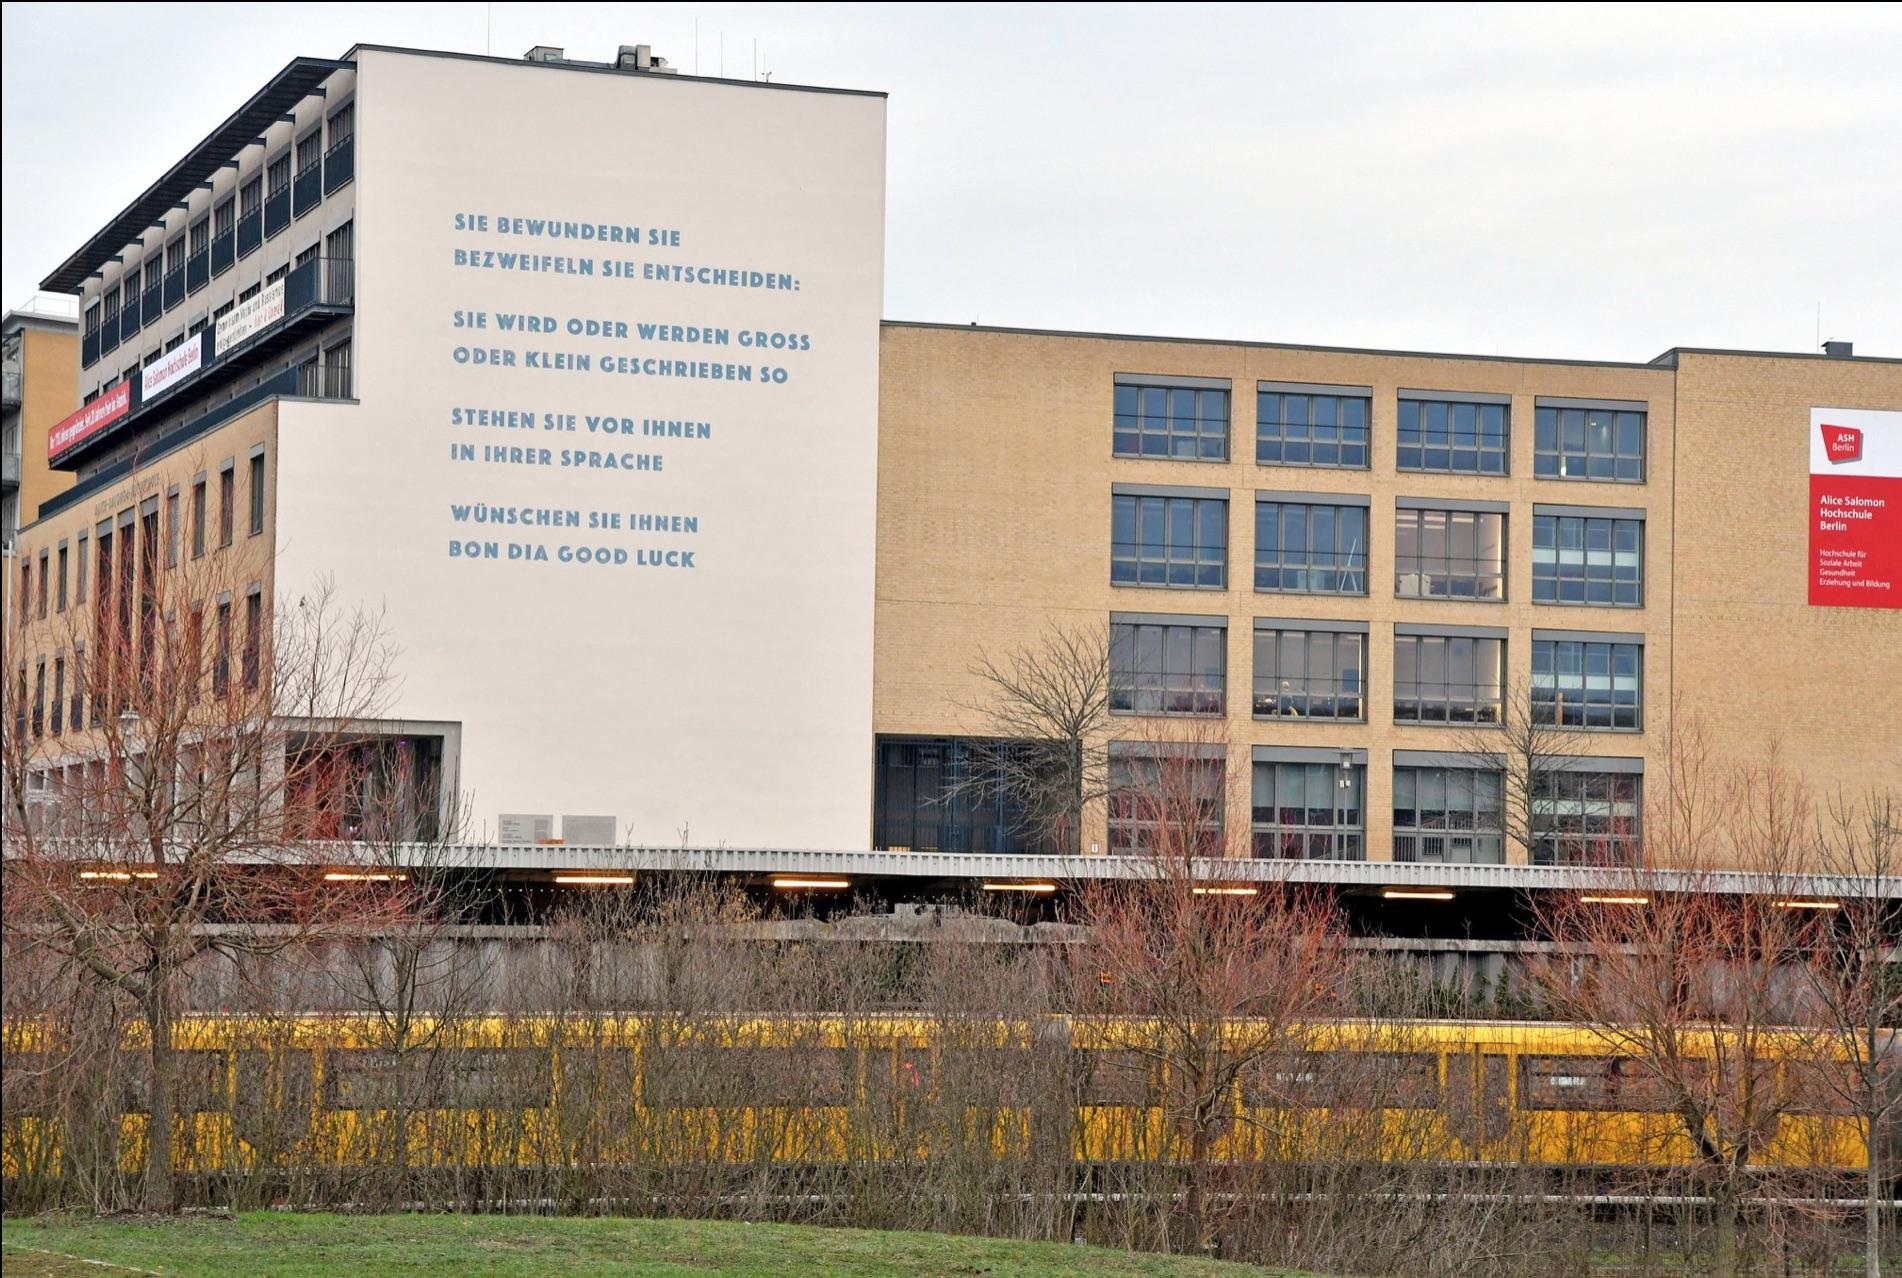 Köhler lieferte auch den neuen Text für die Südfassade der Alice-Salomon-Hochschule. © pressefoto-uhlemann.de